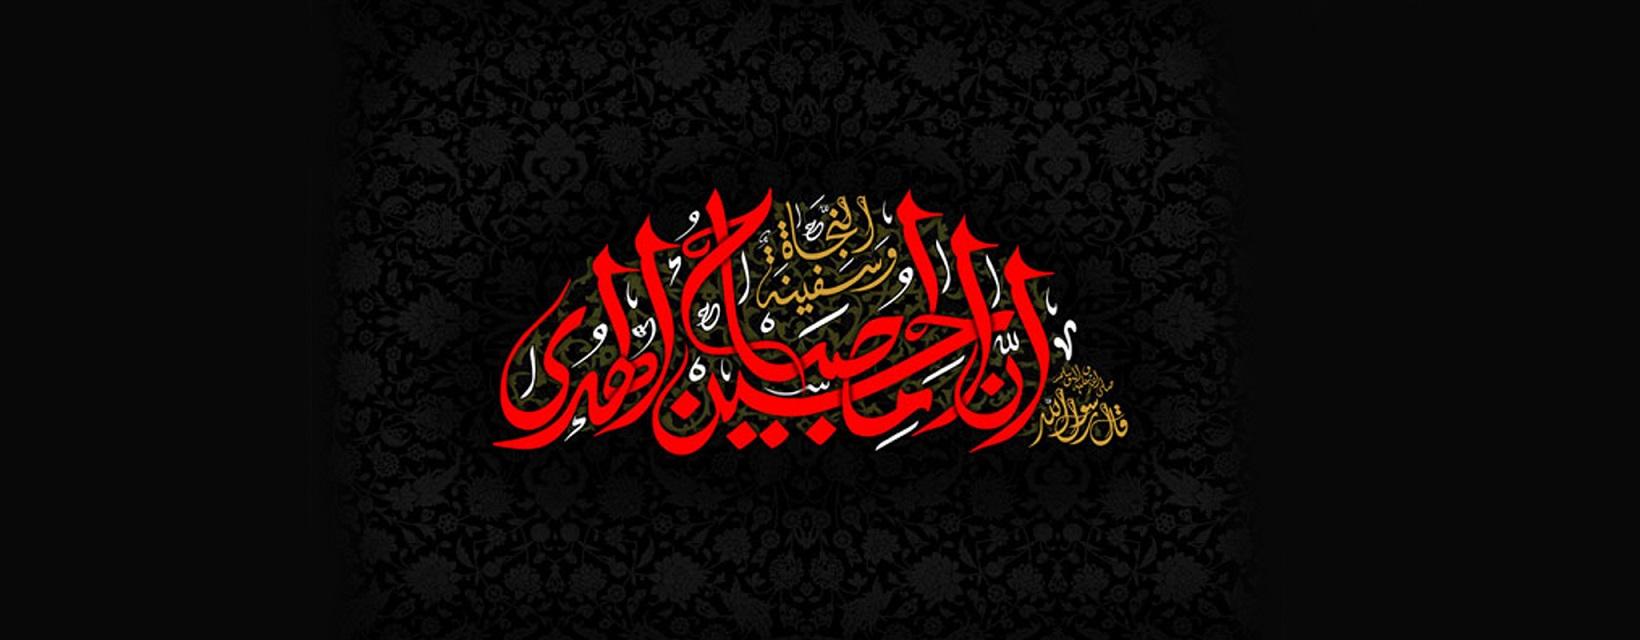 قال رسول الله (ص): إن الحسین مصباح الهدی و سفینة النجاة